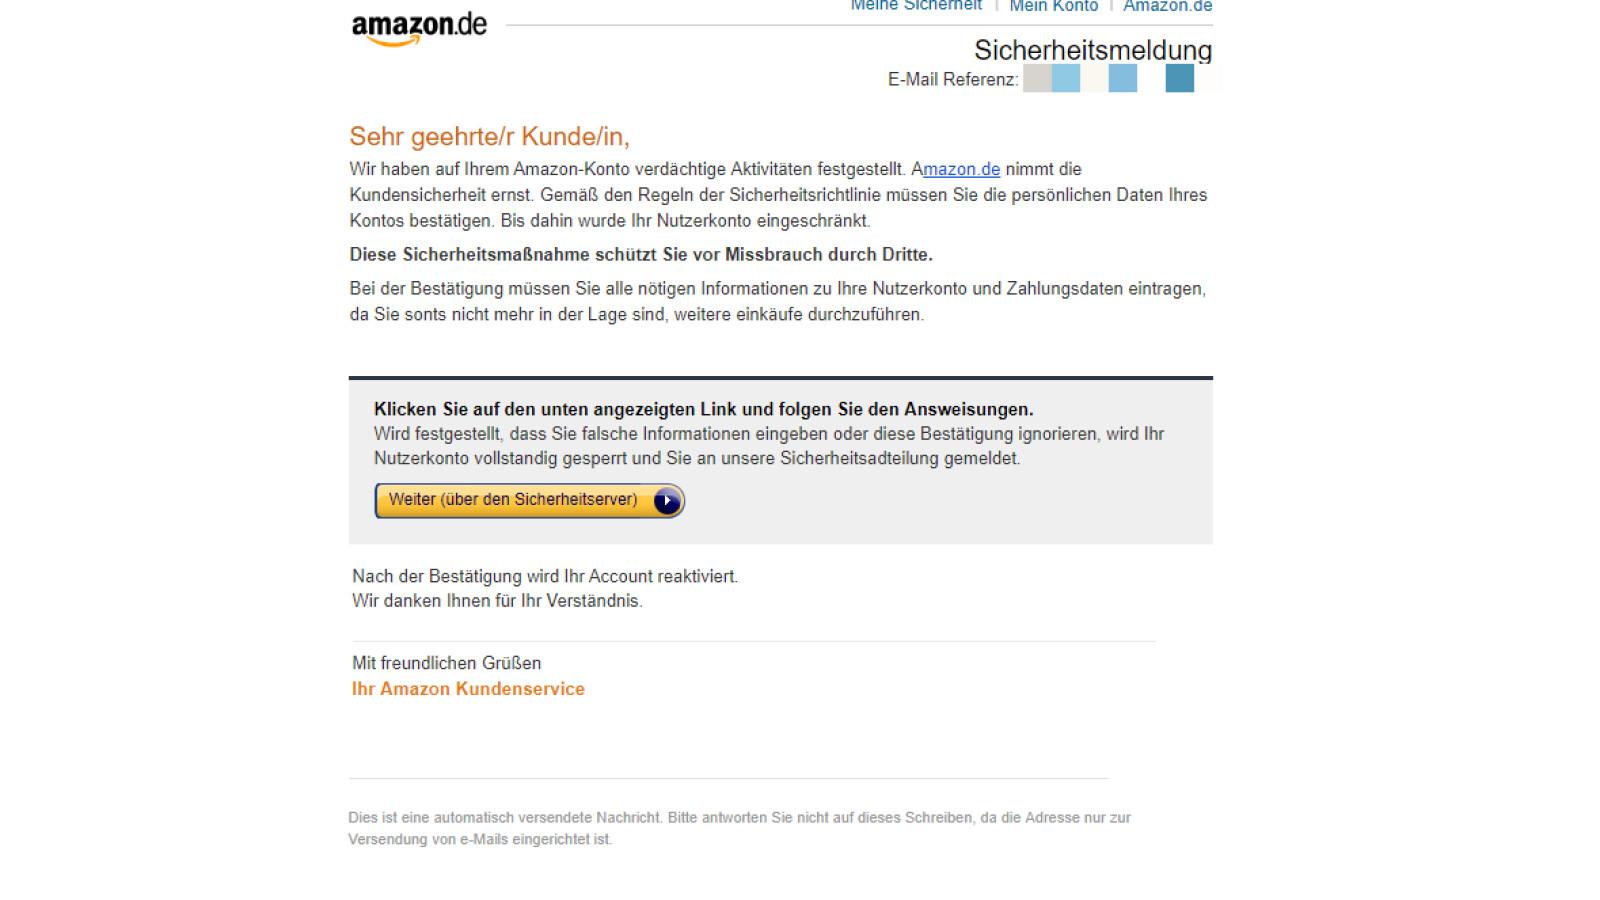 Amazon Konto Eingeschränkt Email